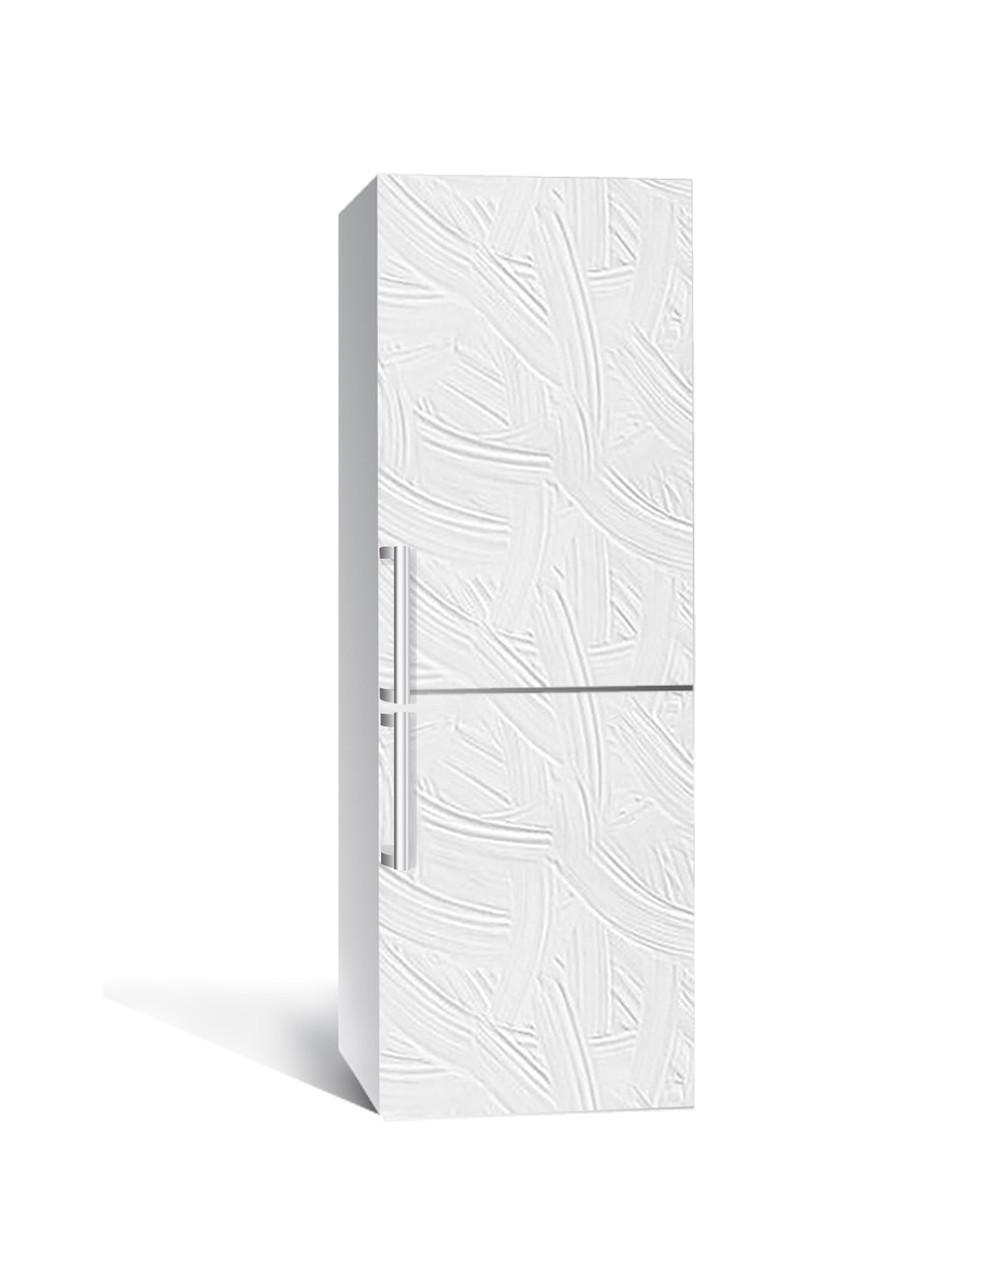 Наклейка на холодильник Крупные мазки под штукатурку (пленка ПВХ фотопечать) 65*200см Текстуры Белый